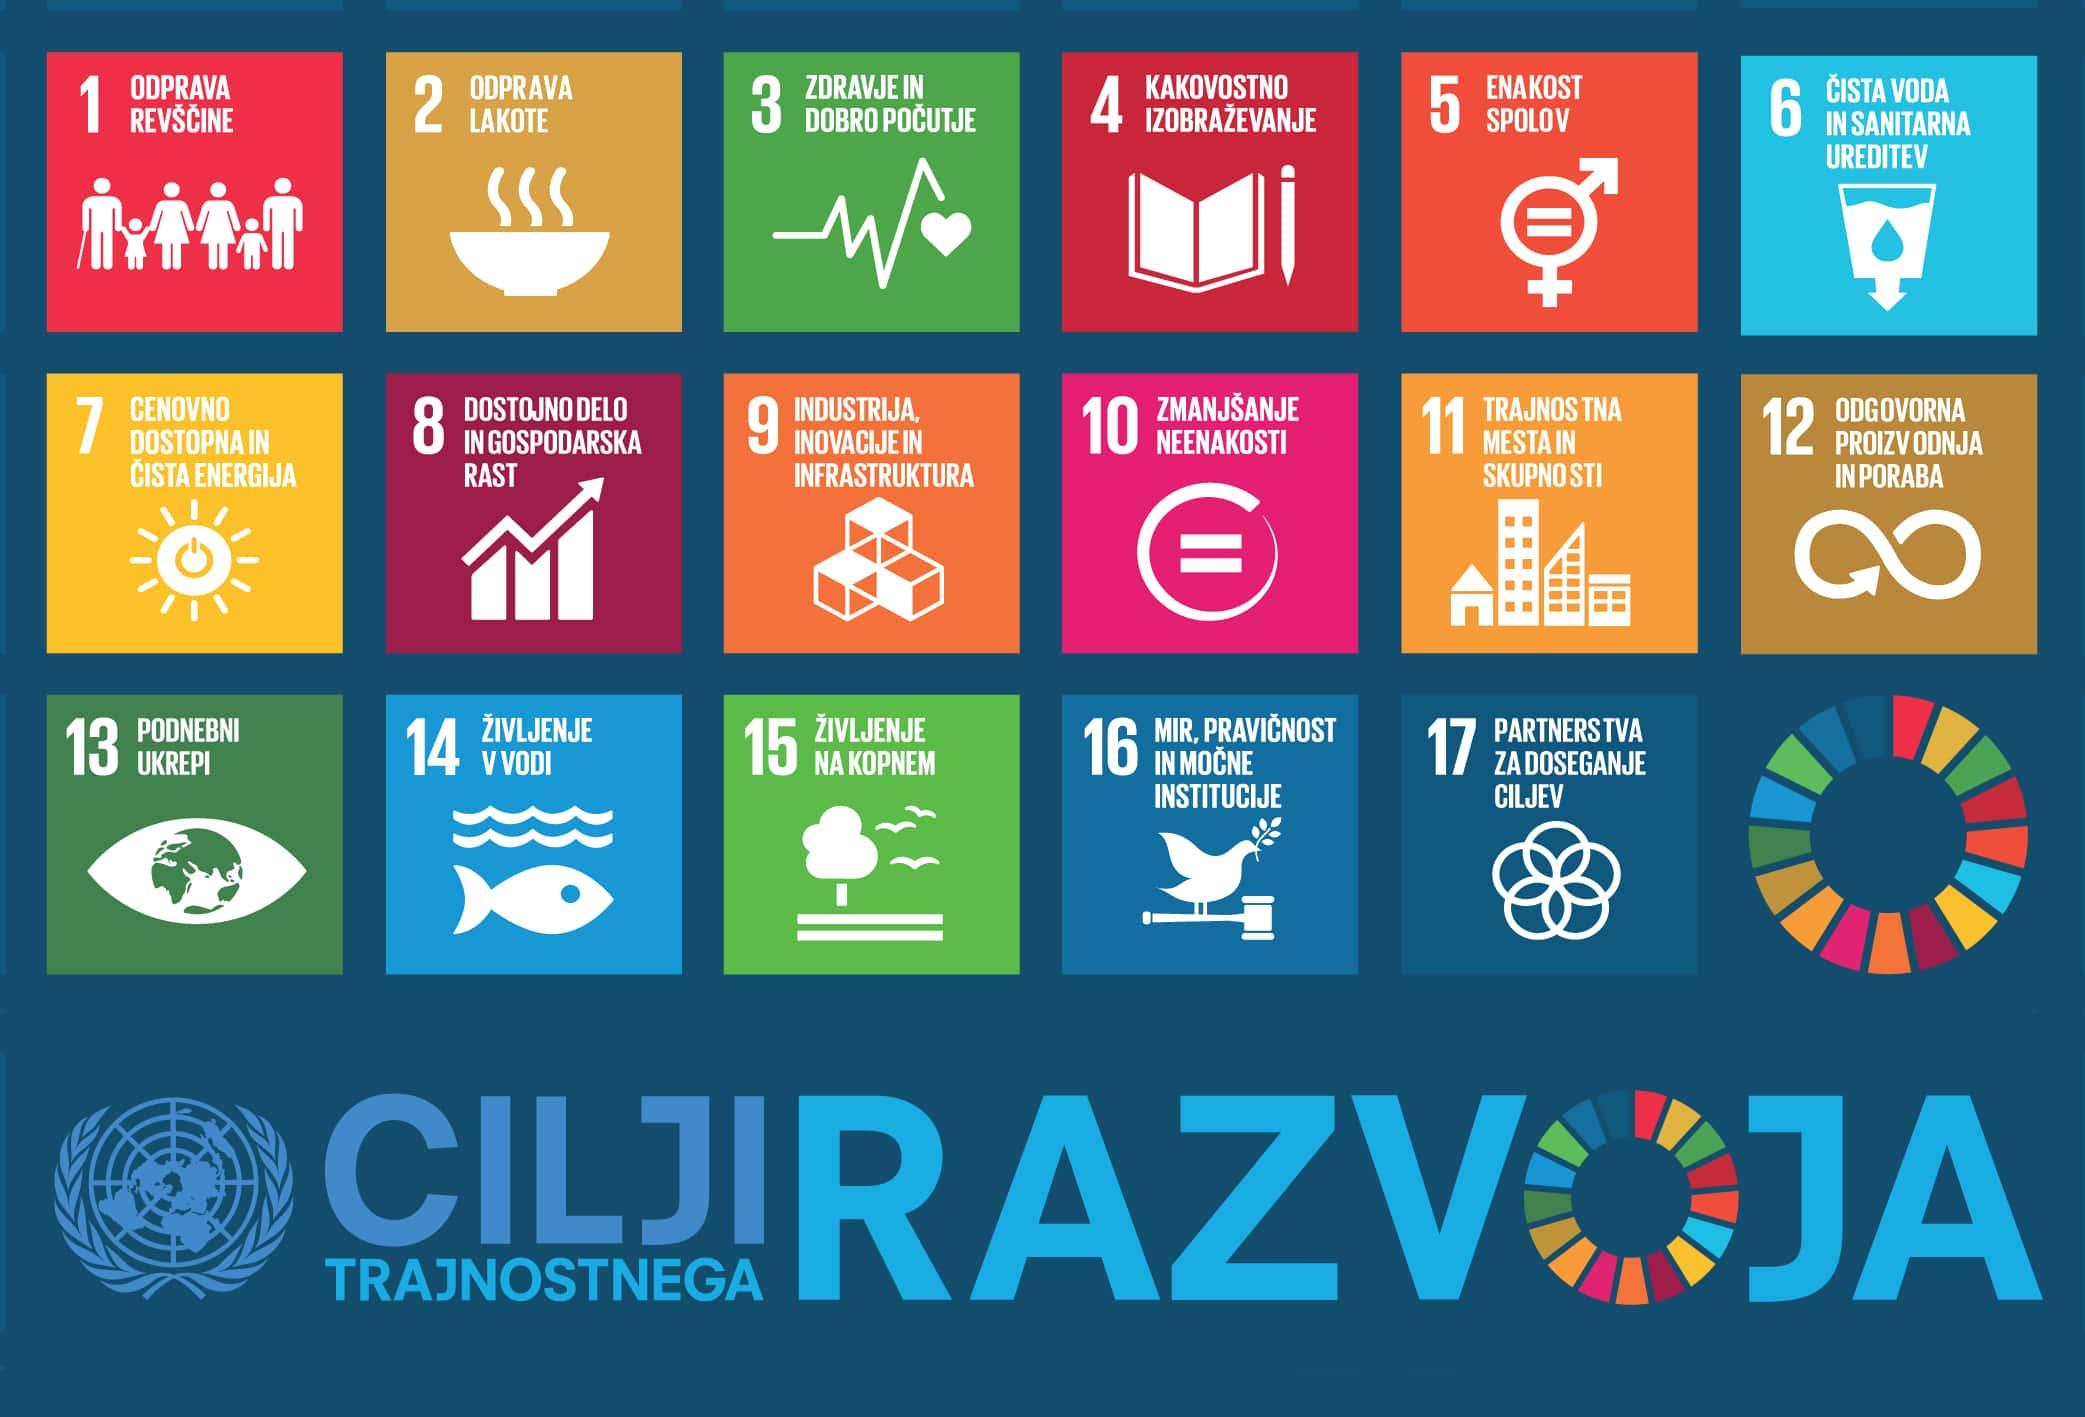 Uresničevanje trajnostnih ciljev Agende 2030 v Sloveniji